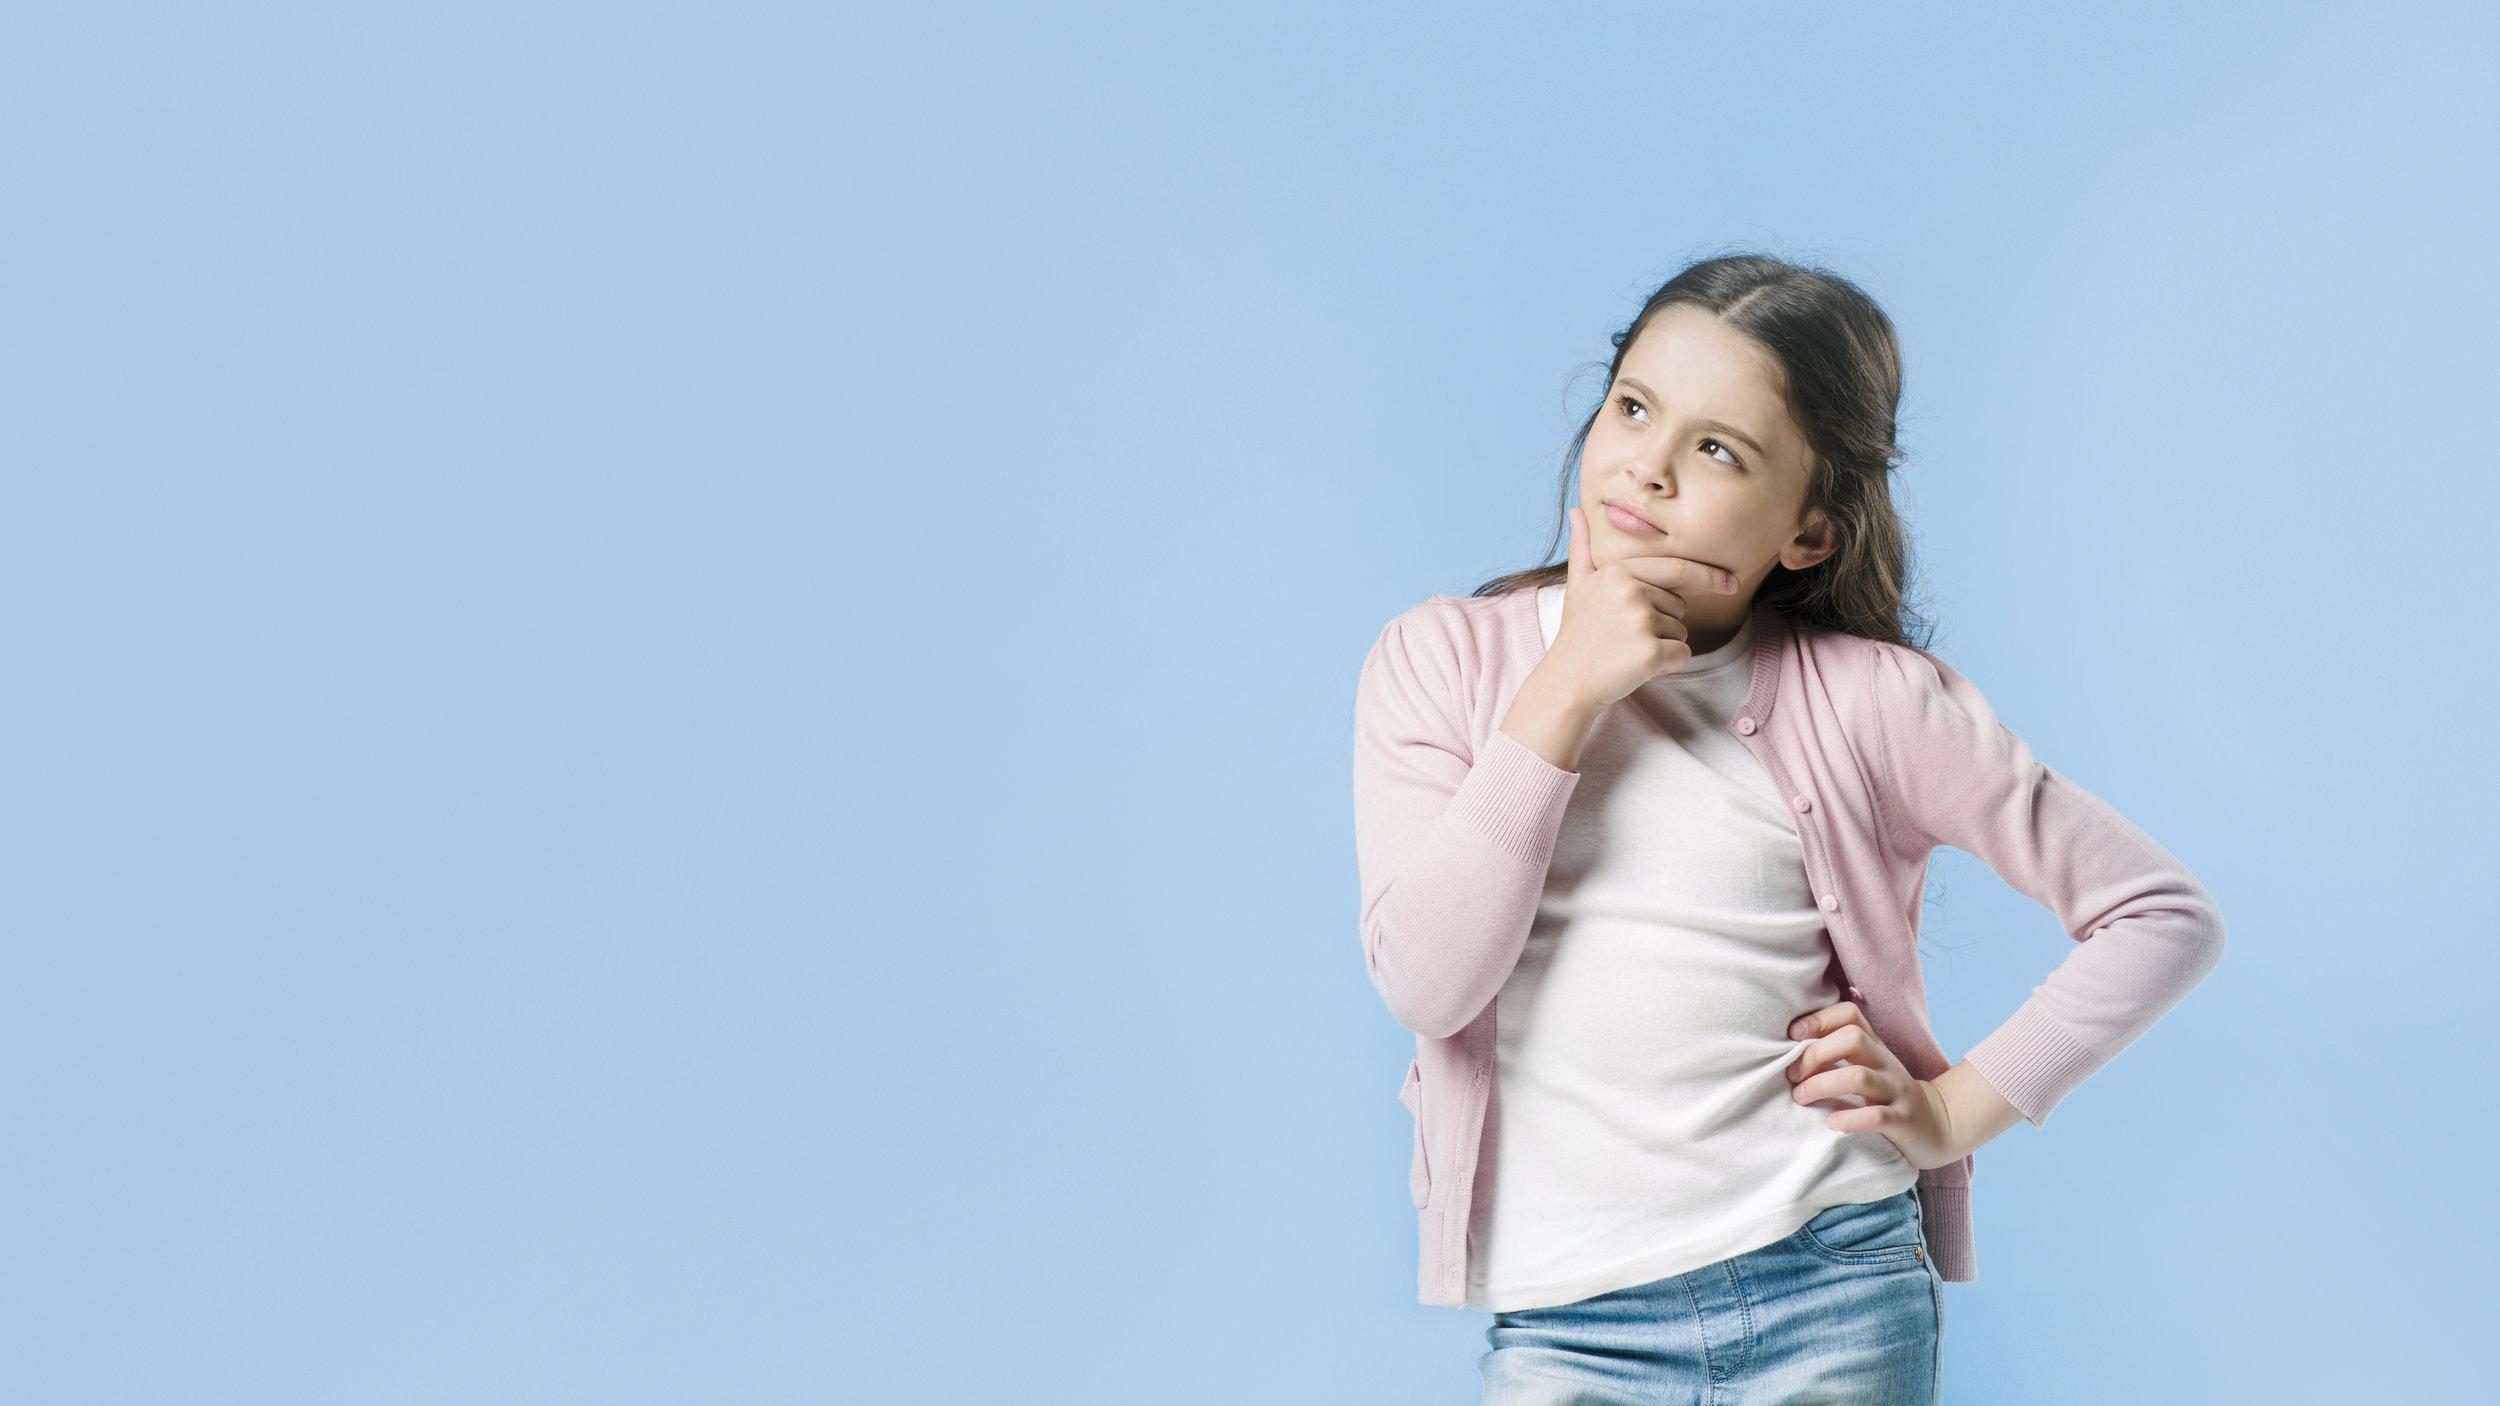 3. Solución de problemas. - Una de las tareas de una líder es solucionar problemas y aprender a delegar. Esto es precisamente lo que las actividades STEM le permiten a tu hija hacer.